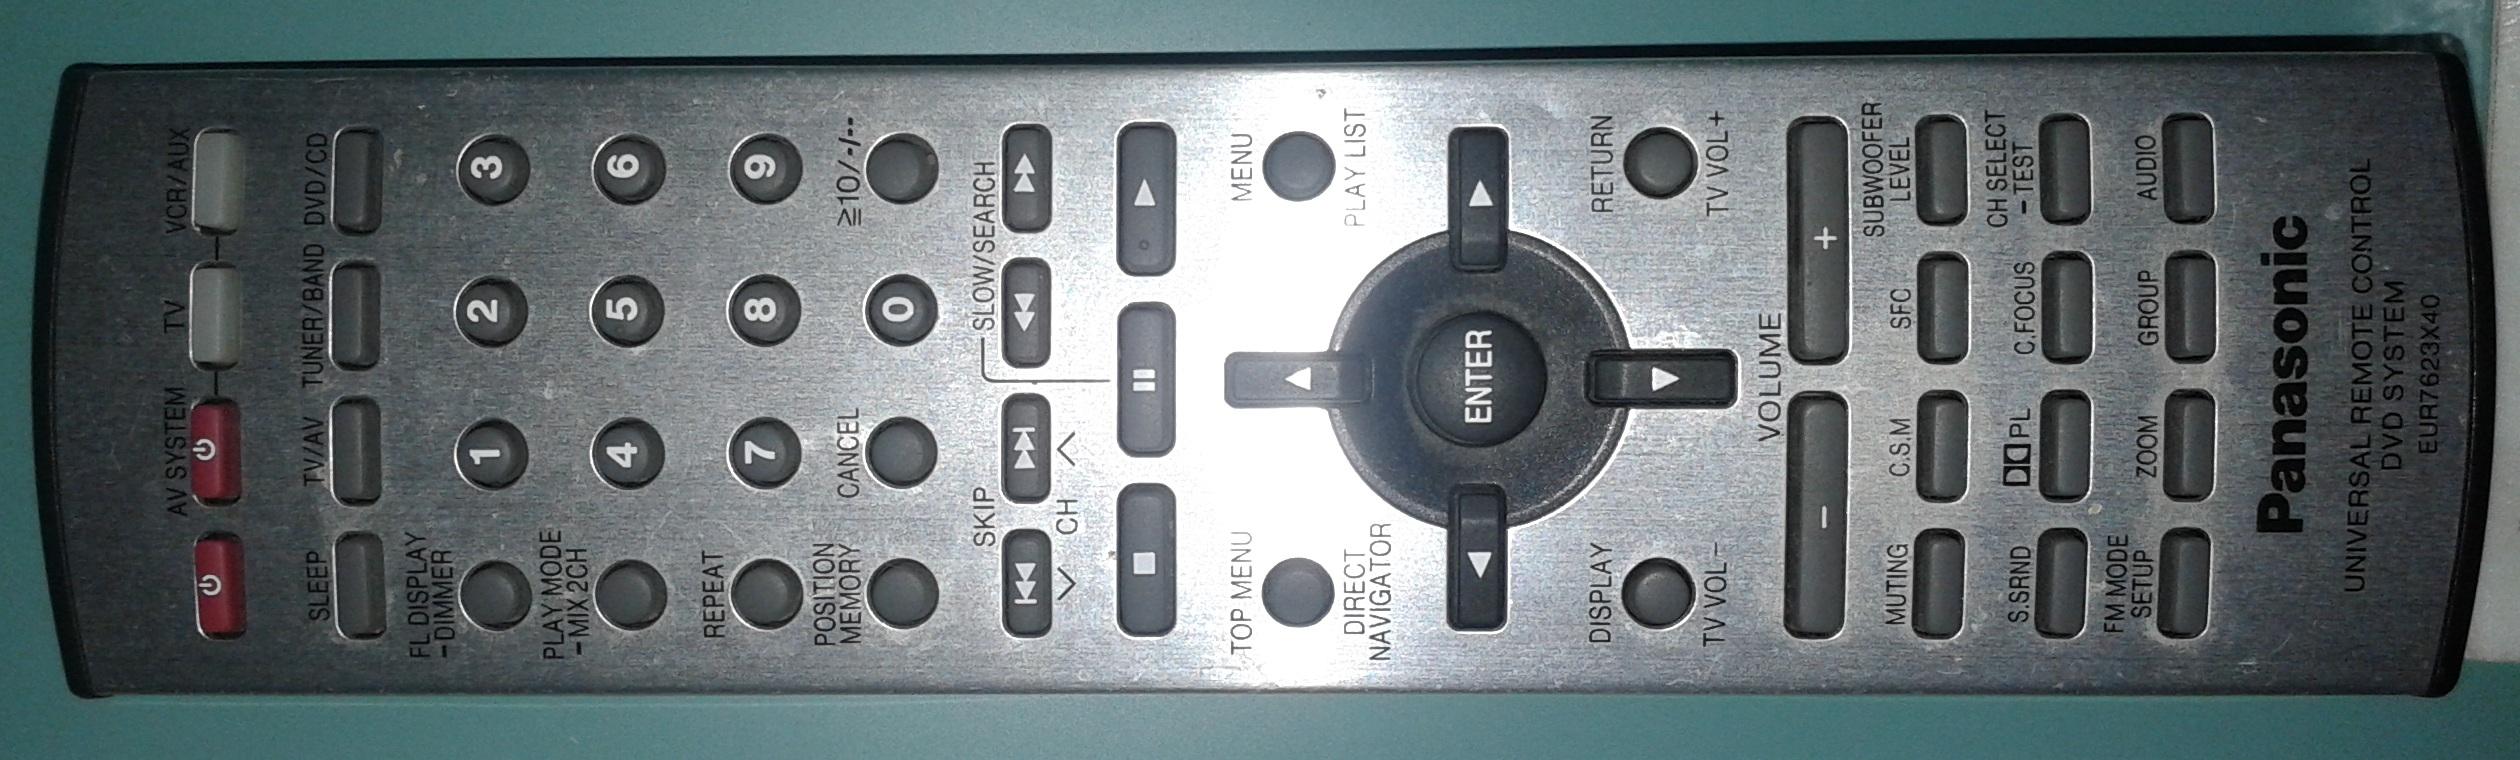 Pilot uniwersalny EUR7623X40 brak komunikacji z odtwarzaczem DVD